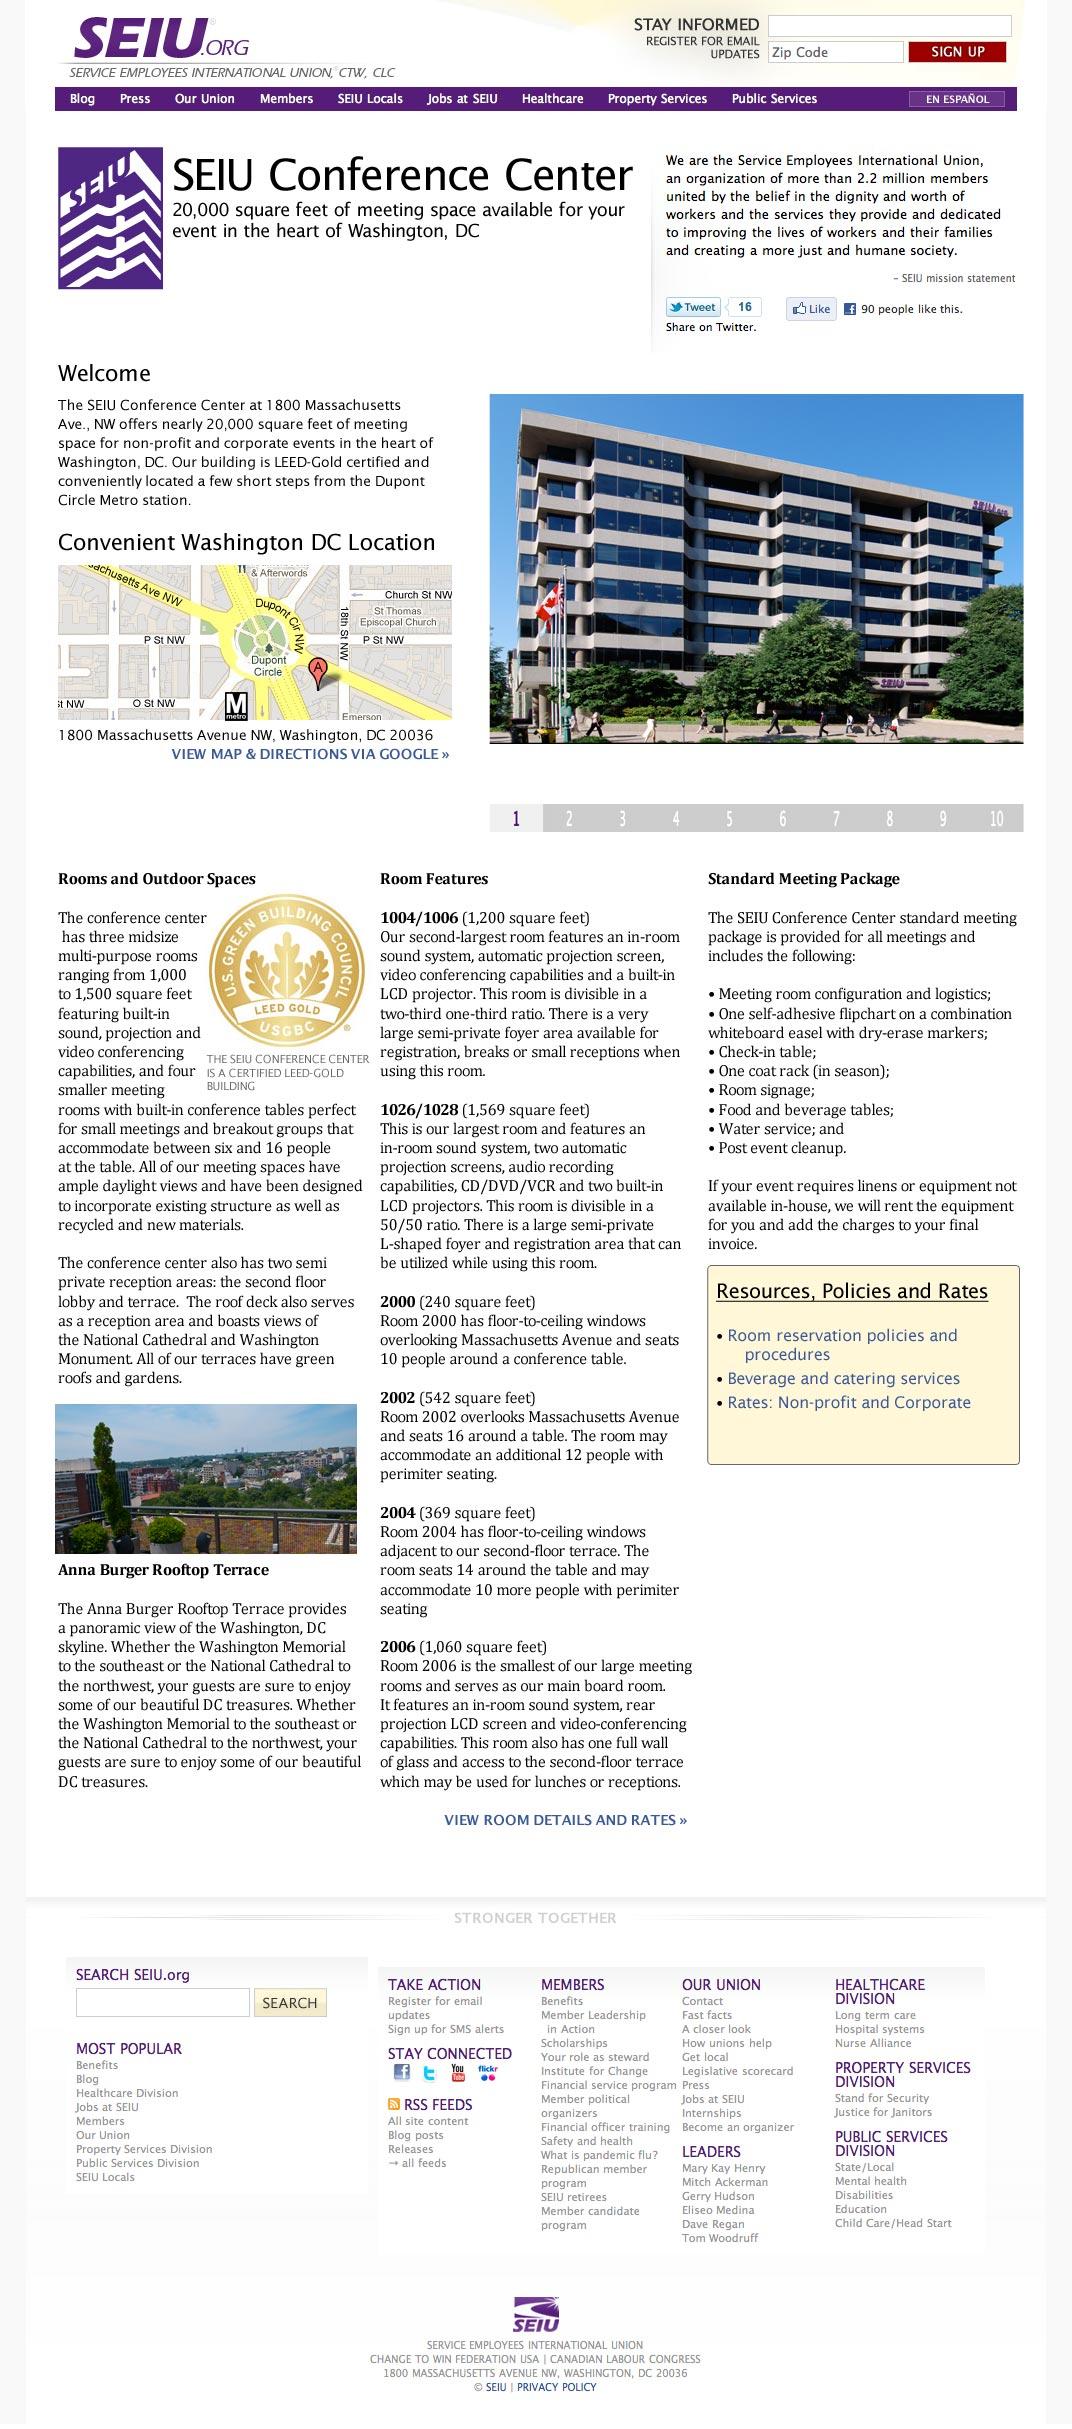 Website design: SEIU full page screenshot.